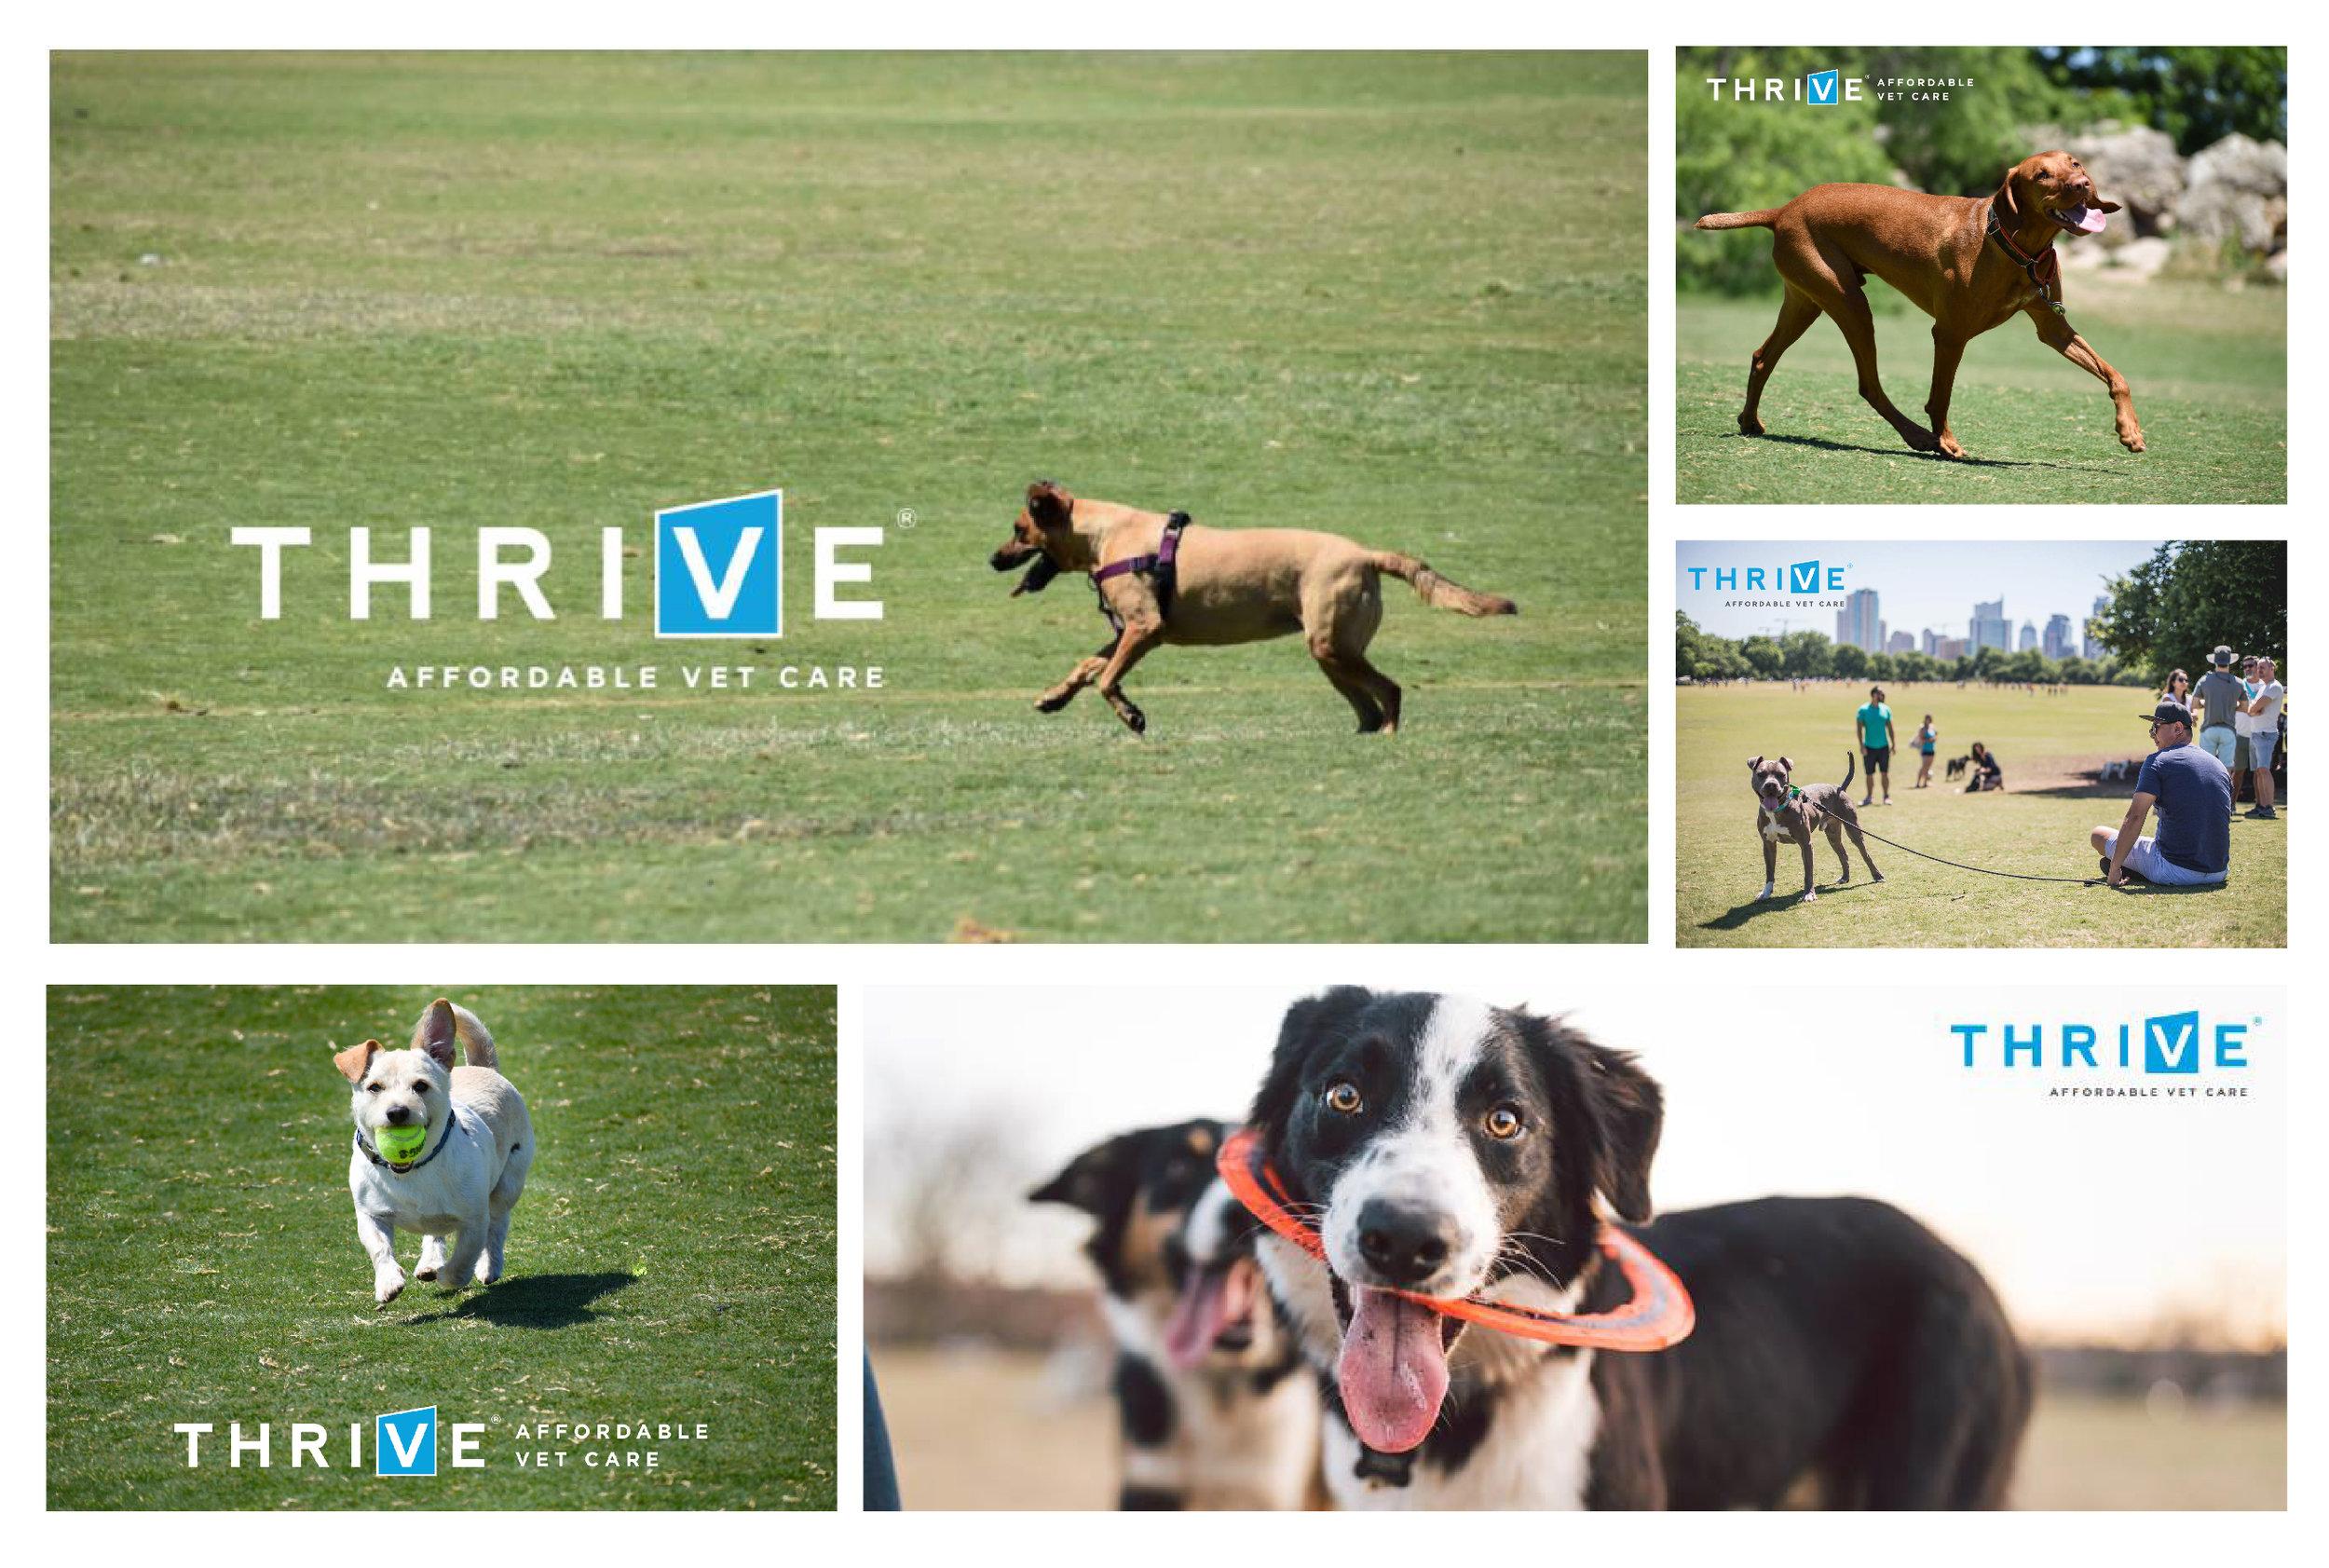 Thrive-photos-01.jpg